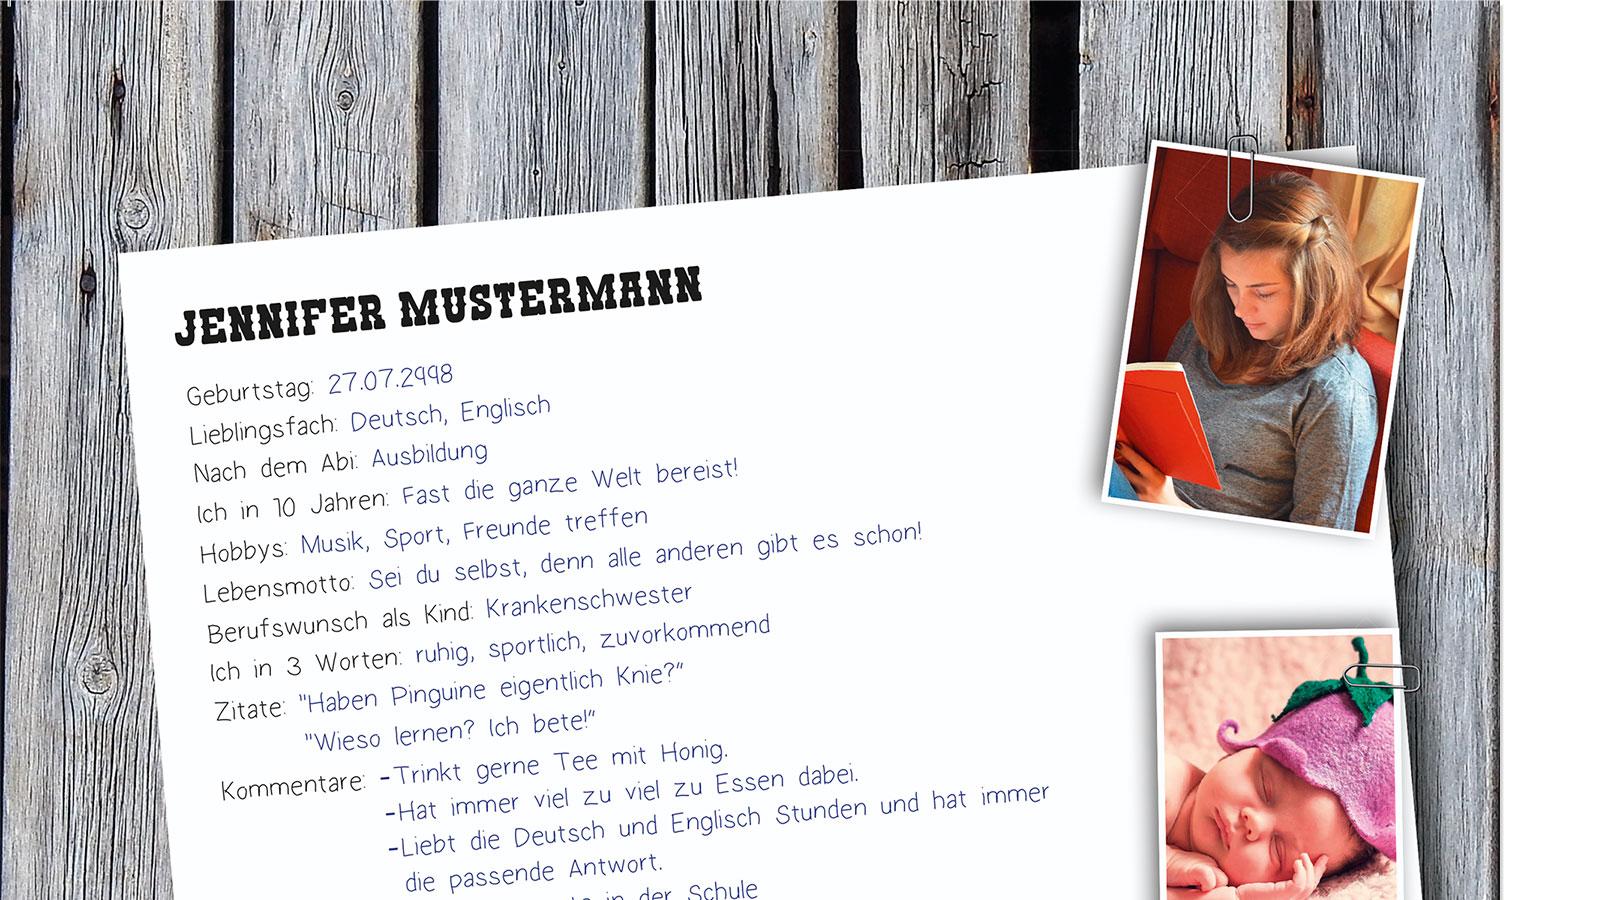 Großartig Gutscheinvorlagen Frei Druckbar Zeitgenössisch - Beispiel ...